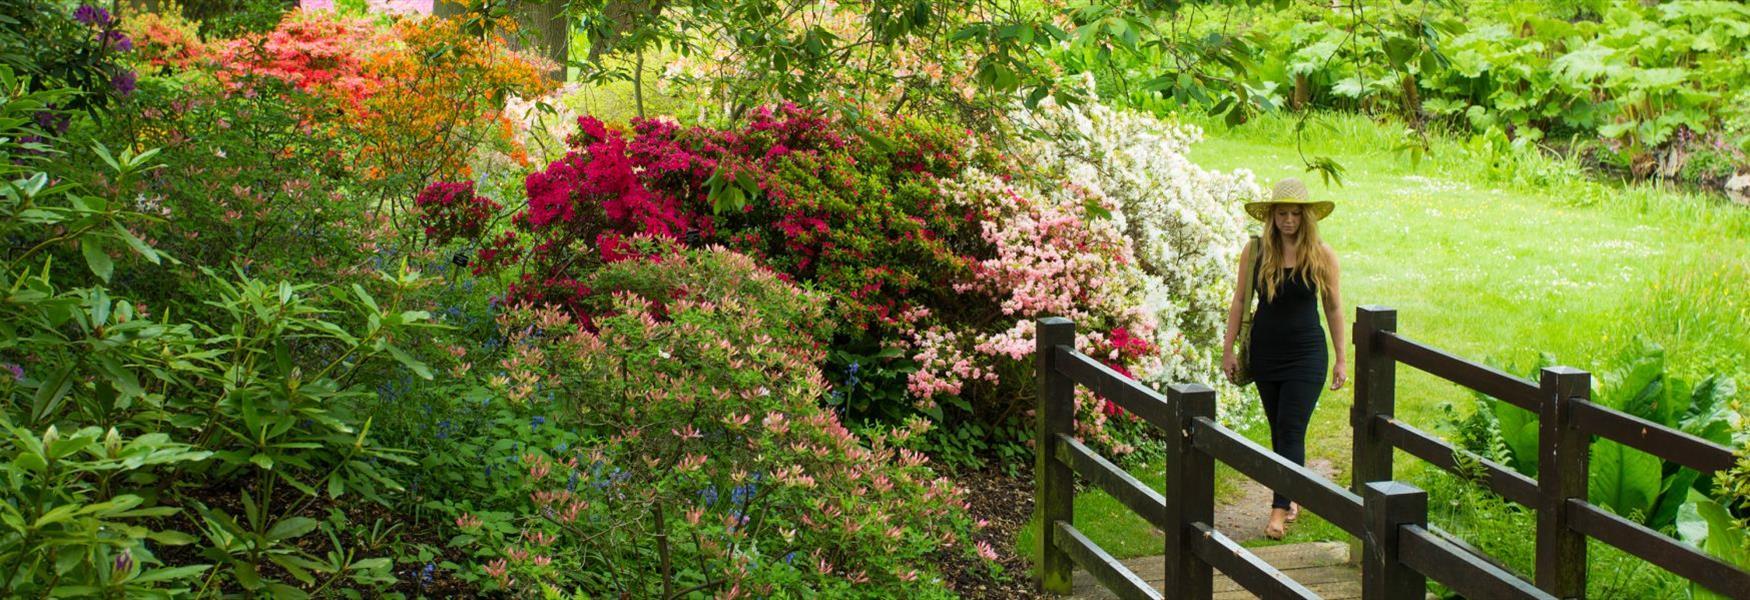 The Savill Garden in the spring